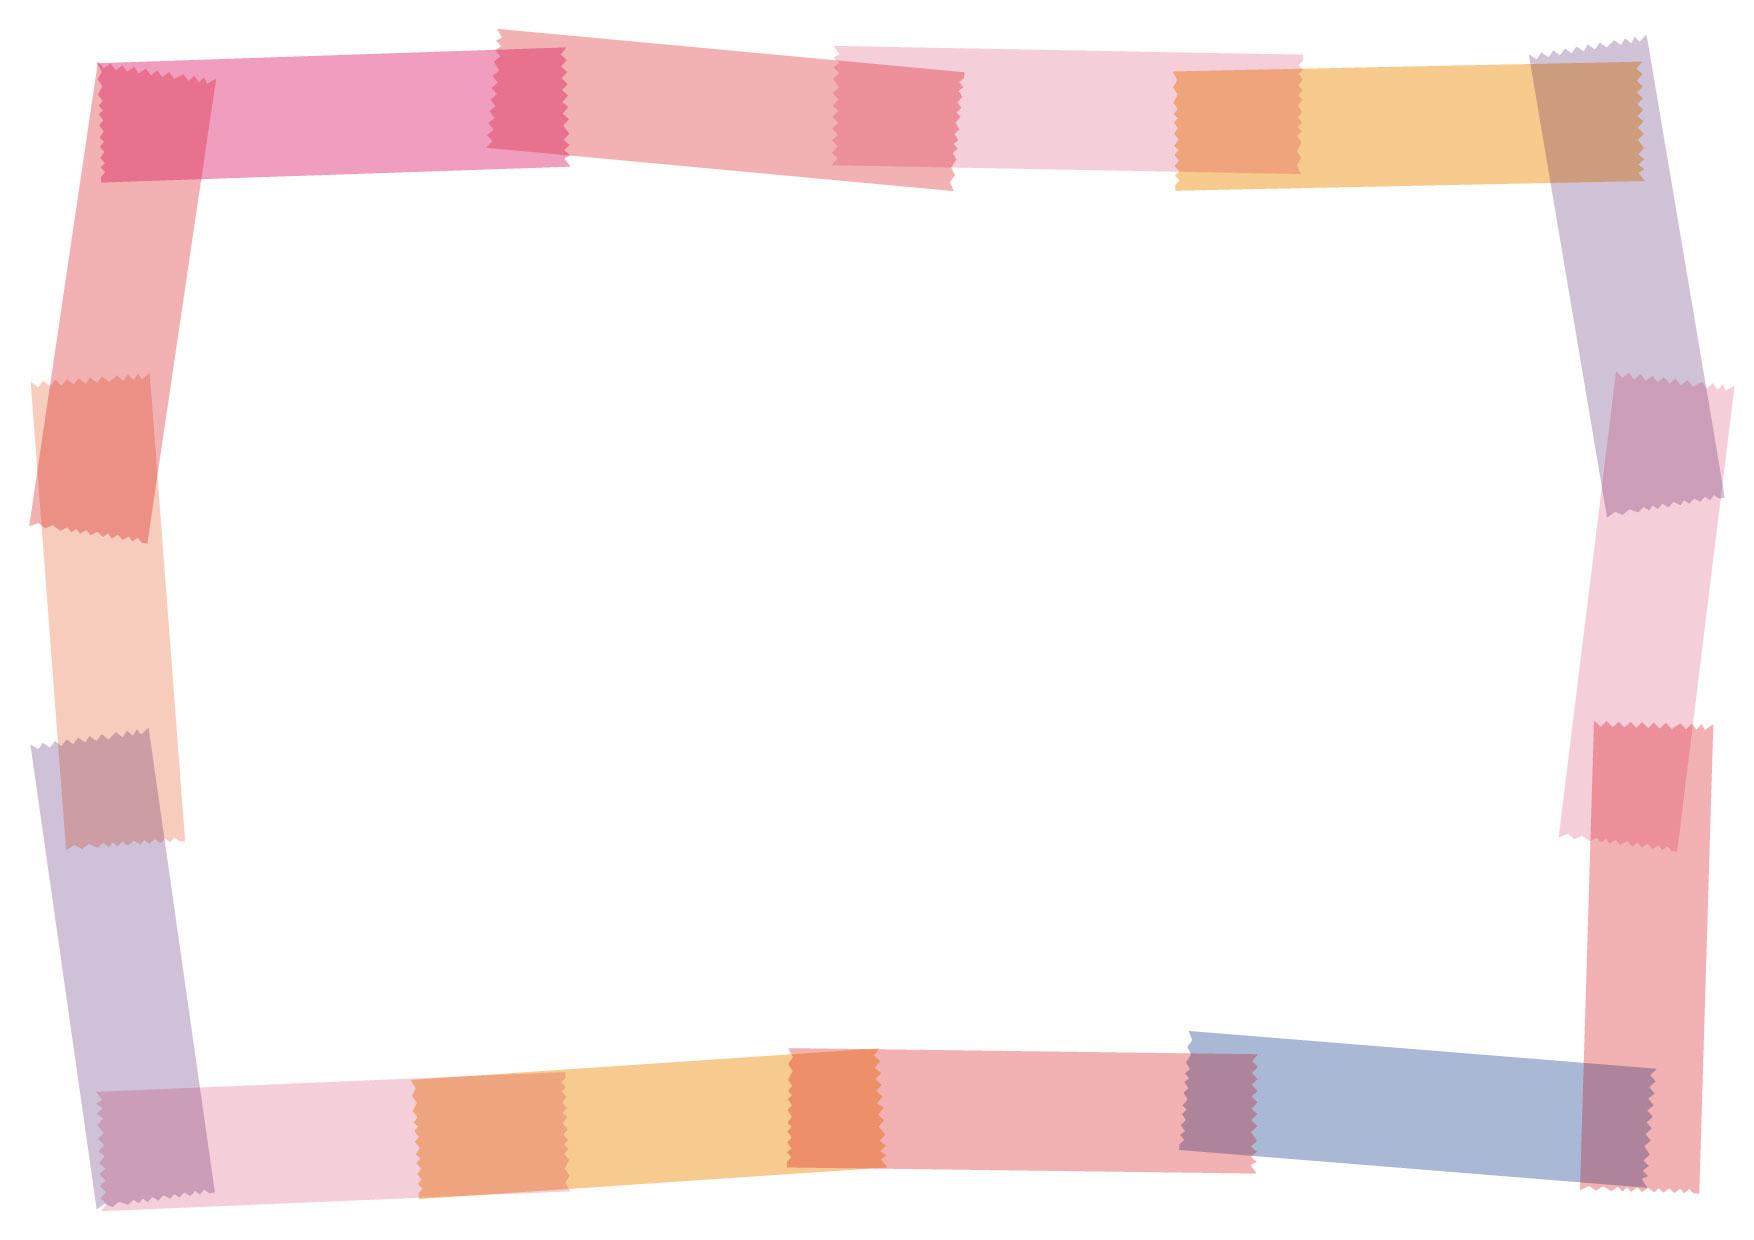 可愛いイラスト無料|マスキングテープ フレーム ピンク − free illustration Masking tape frame pink